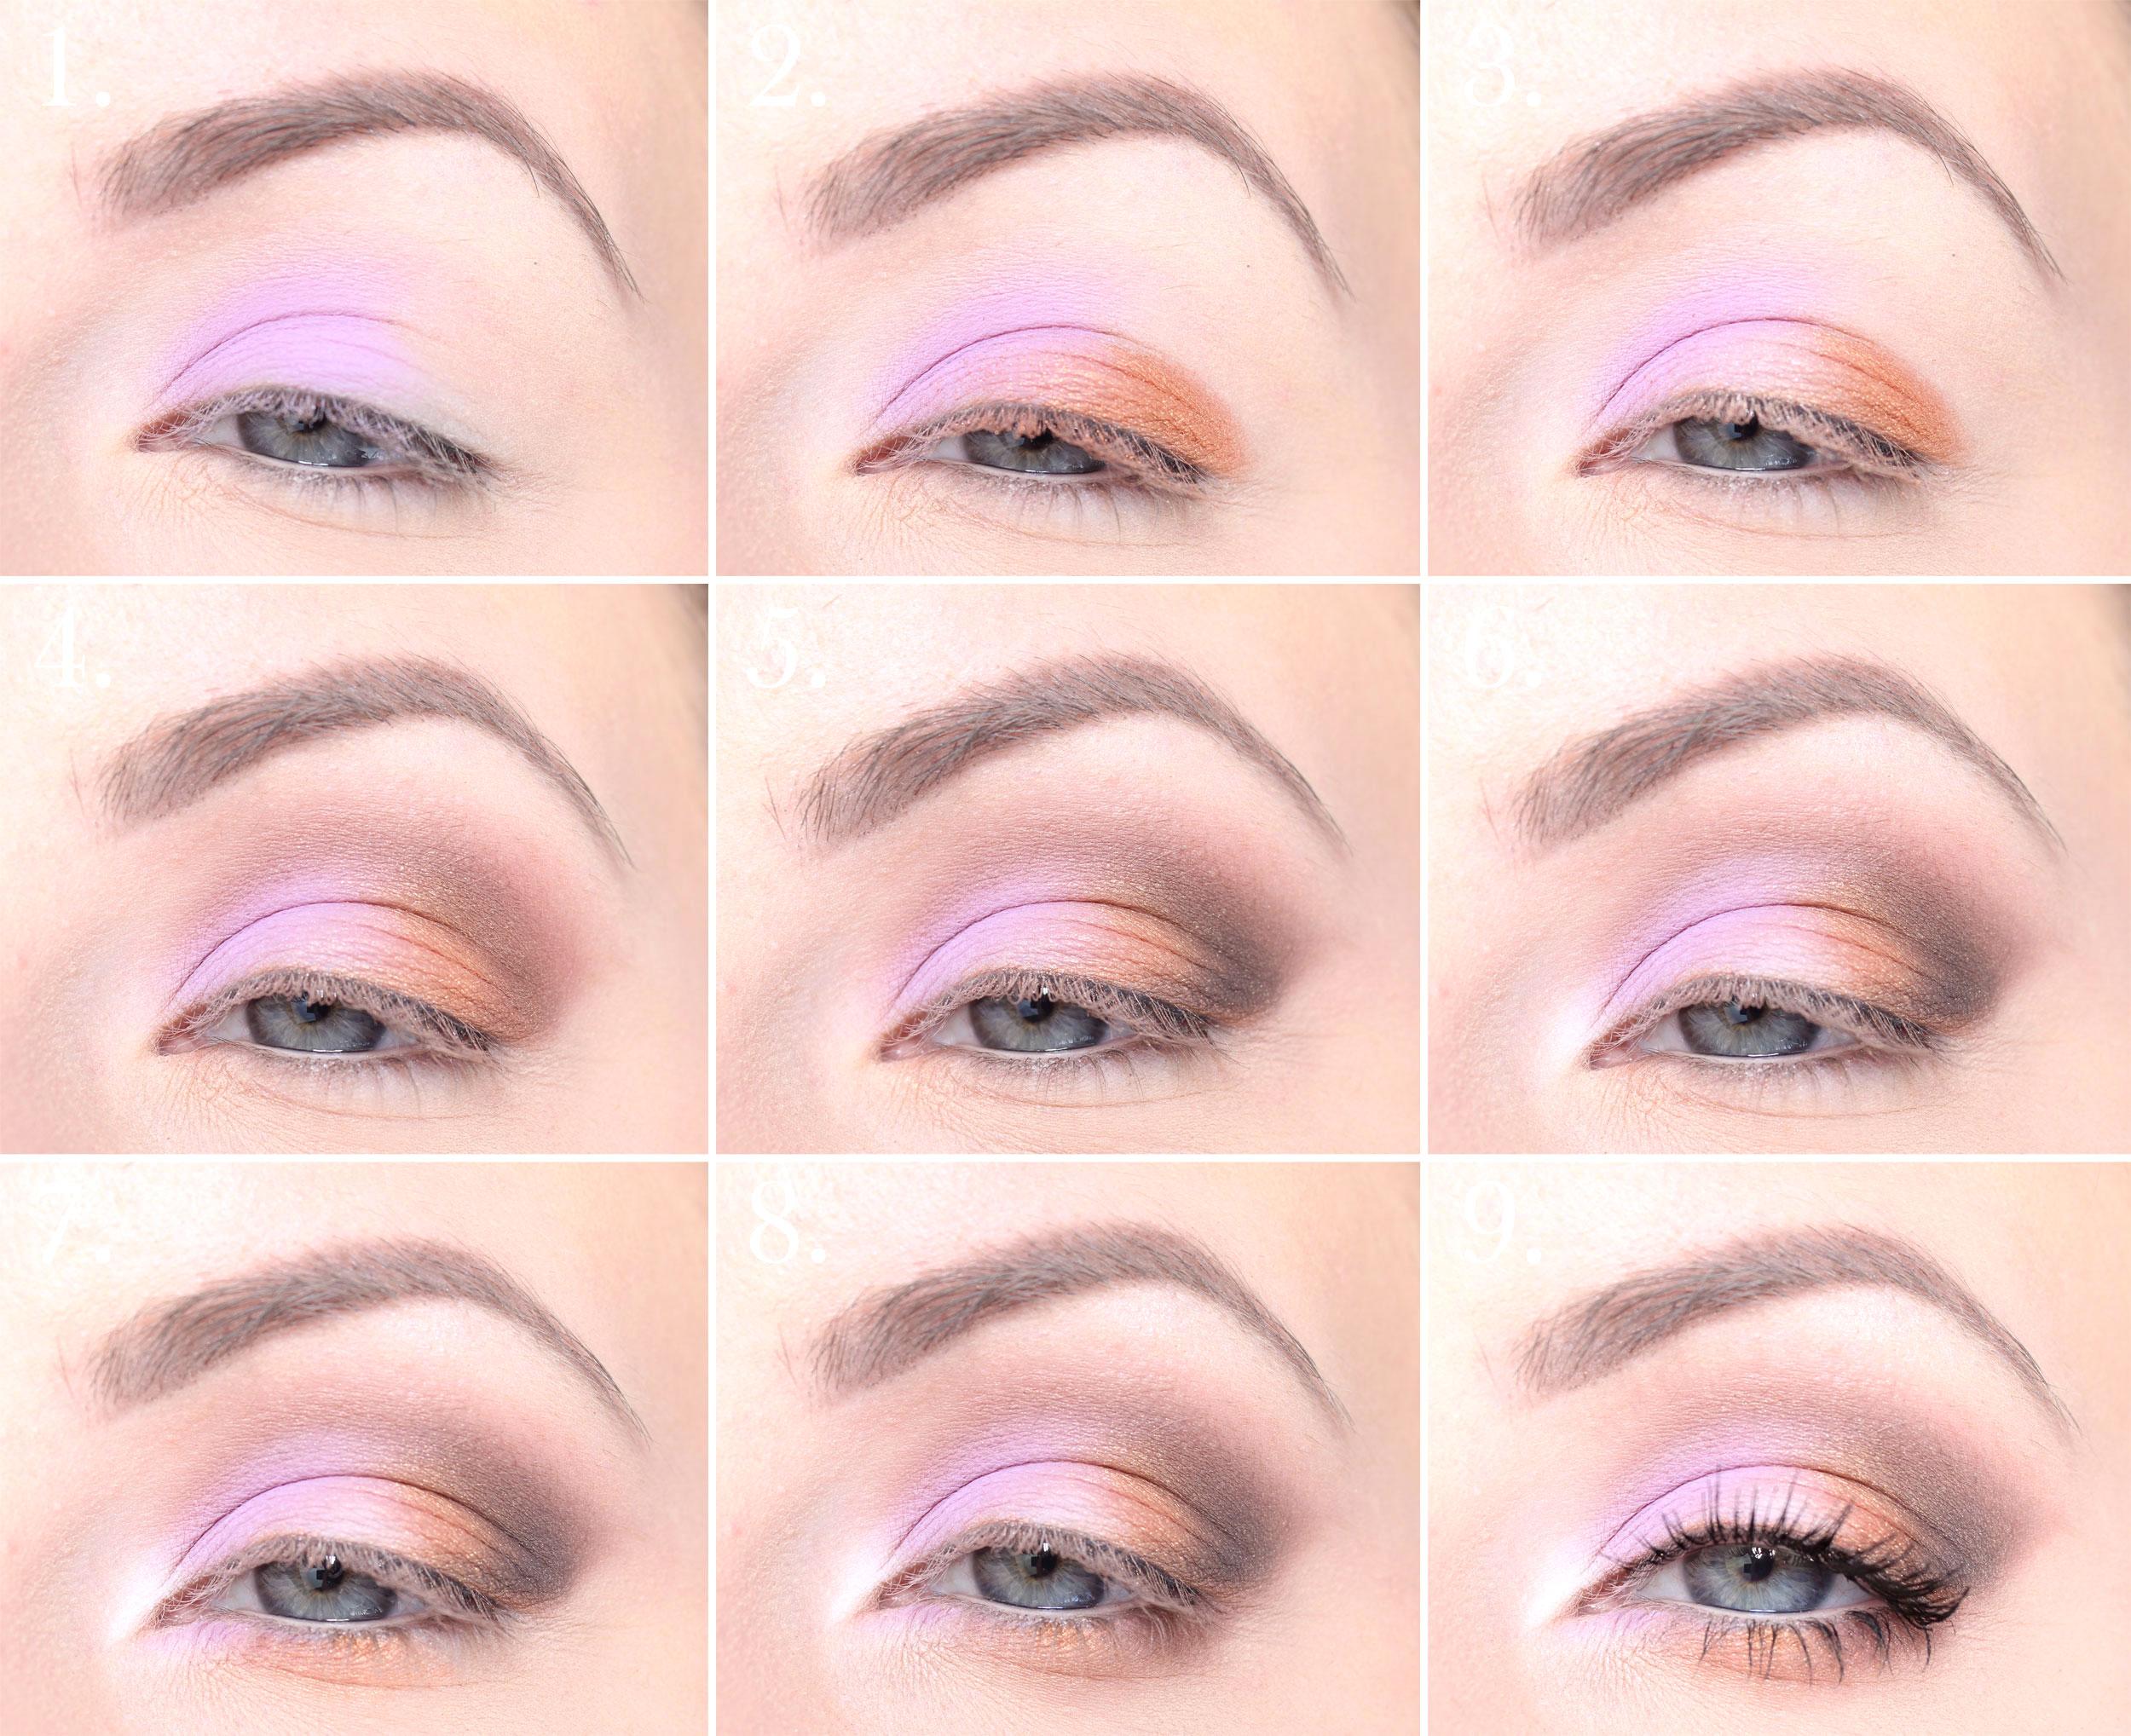 maquillaje colorido paso a paso